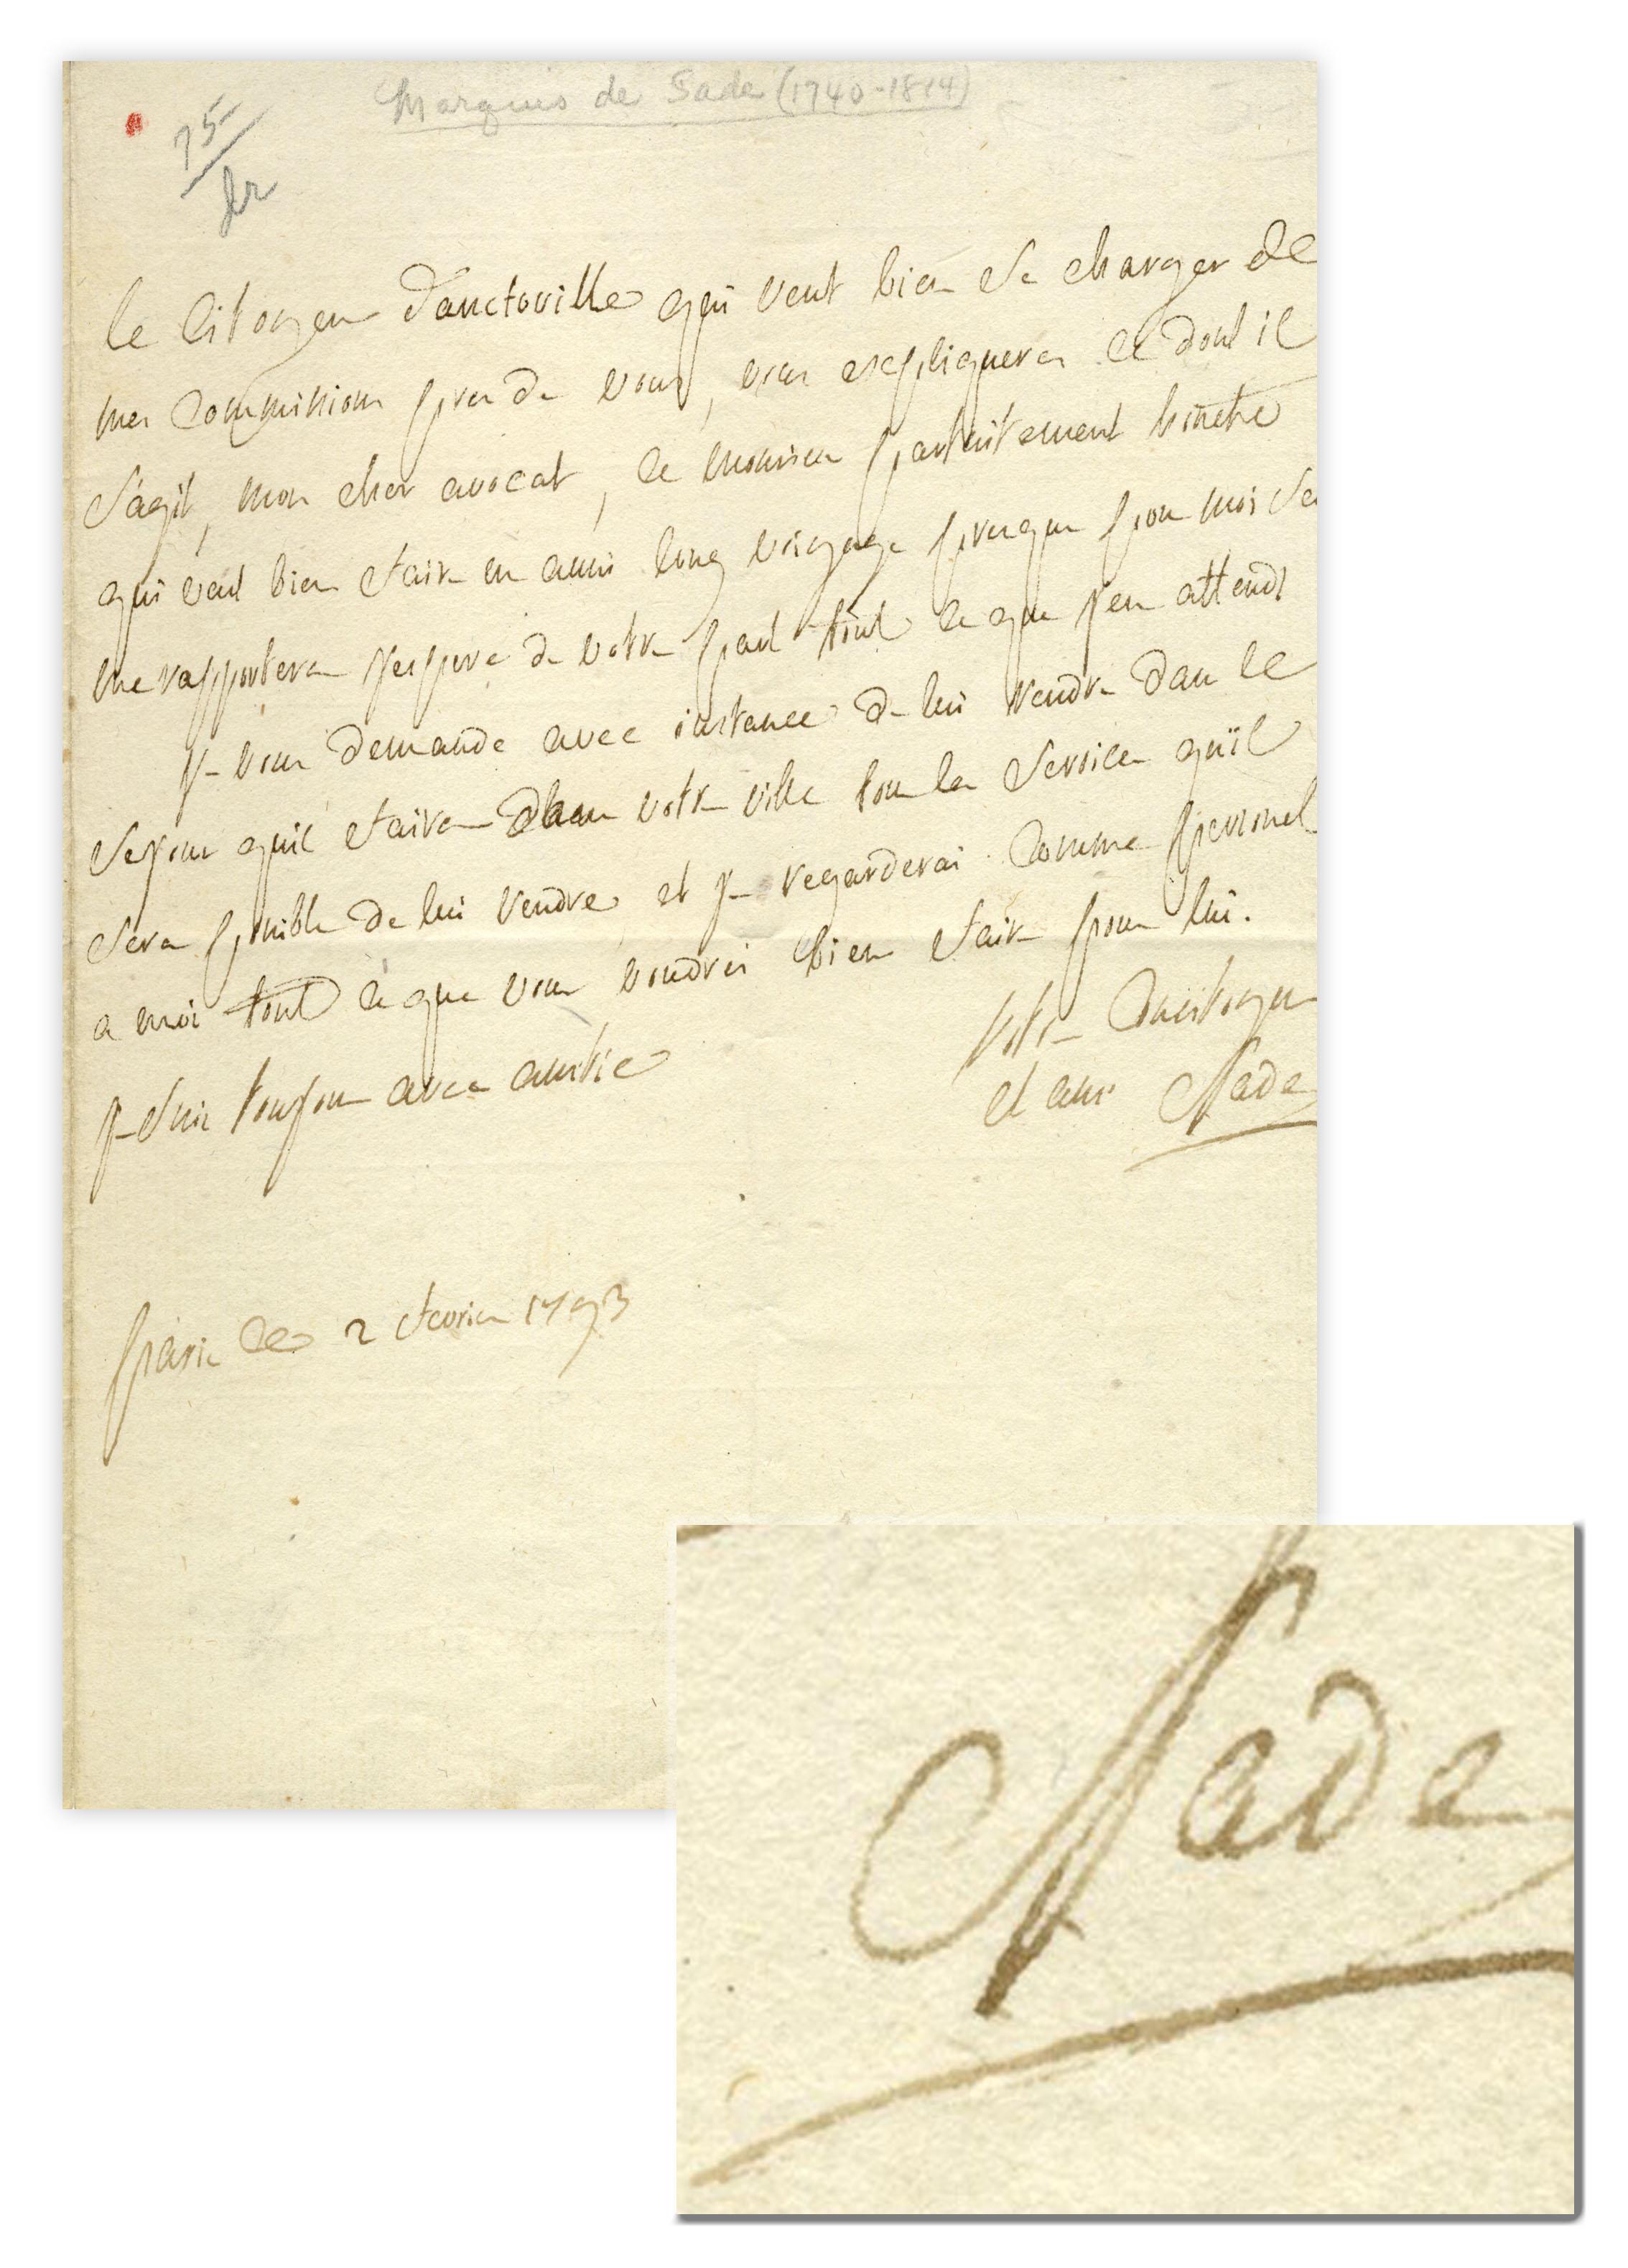 Marquis de Sade autograph